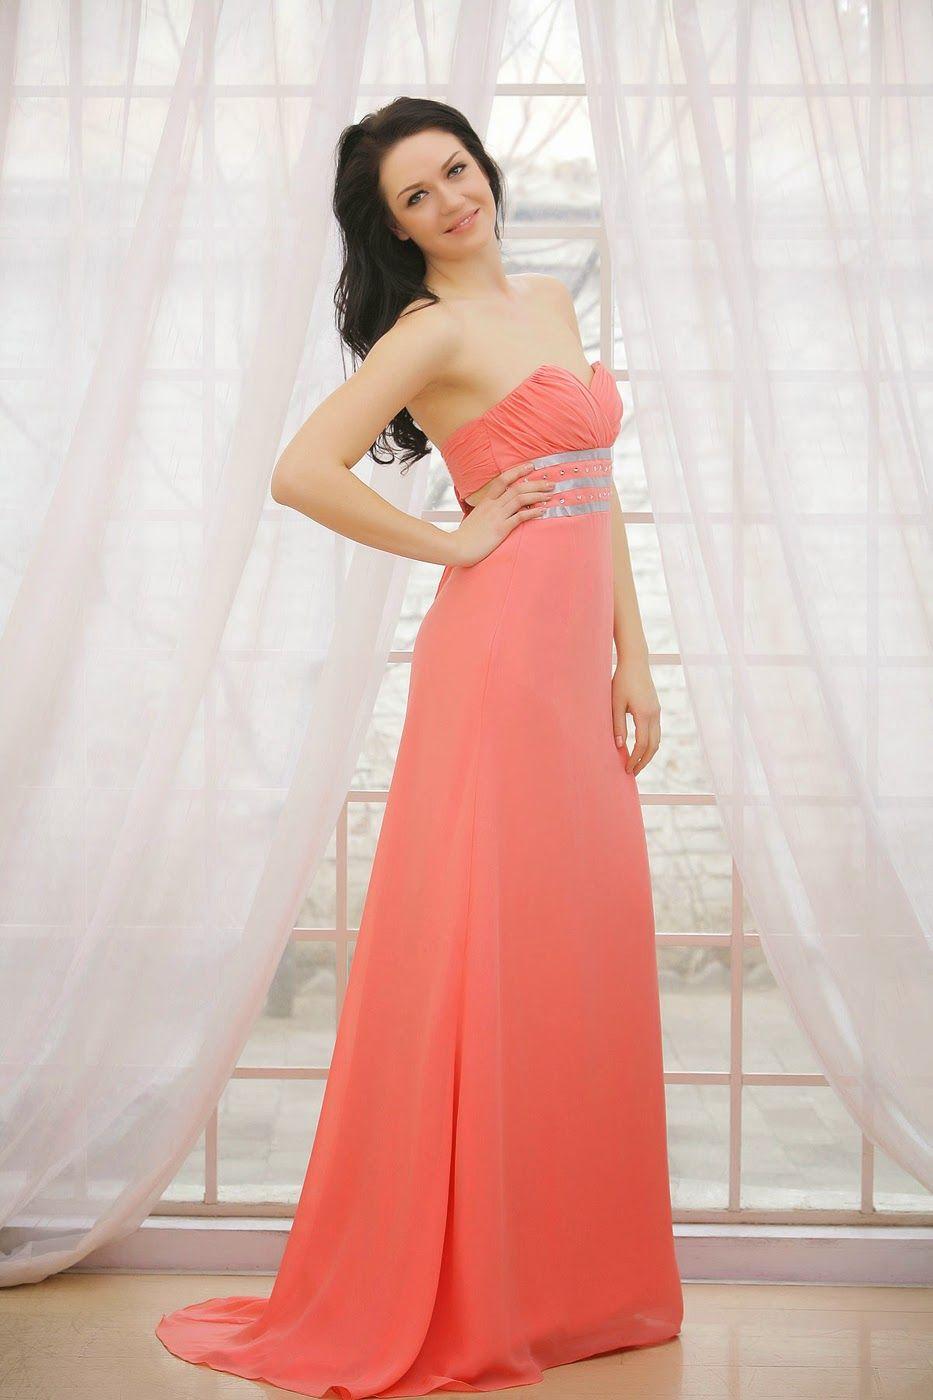 Asombrosos vestidos de fiesta escotados   Moda 2014